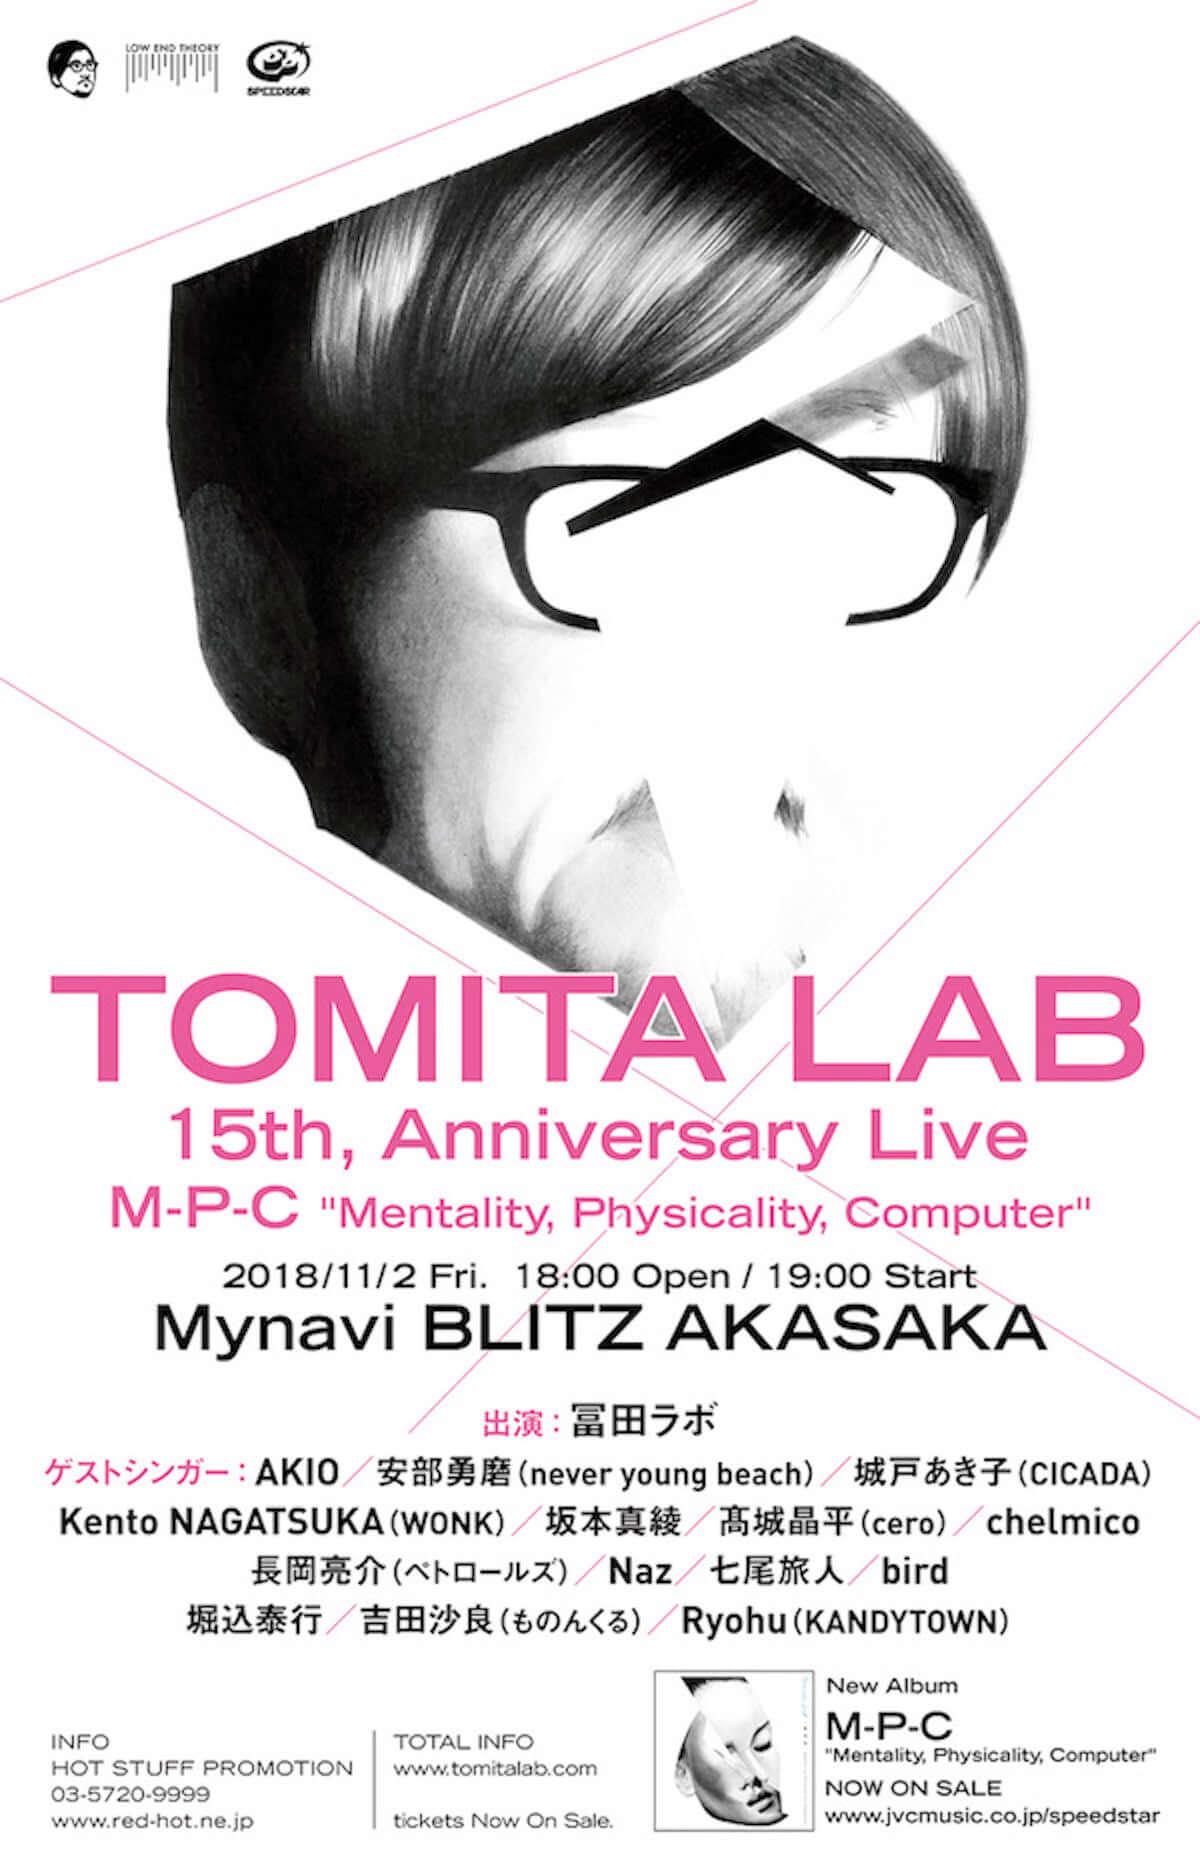 冨田ラボの15周年ライブに長岡亮介と七尾旅人のゲスト出演が決定! tomitalab1-1200x1872